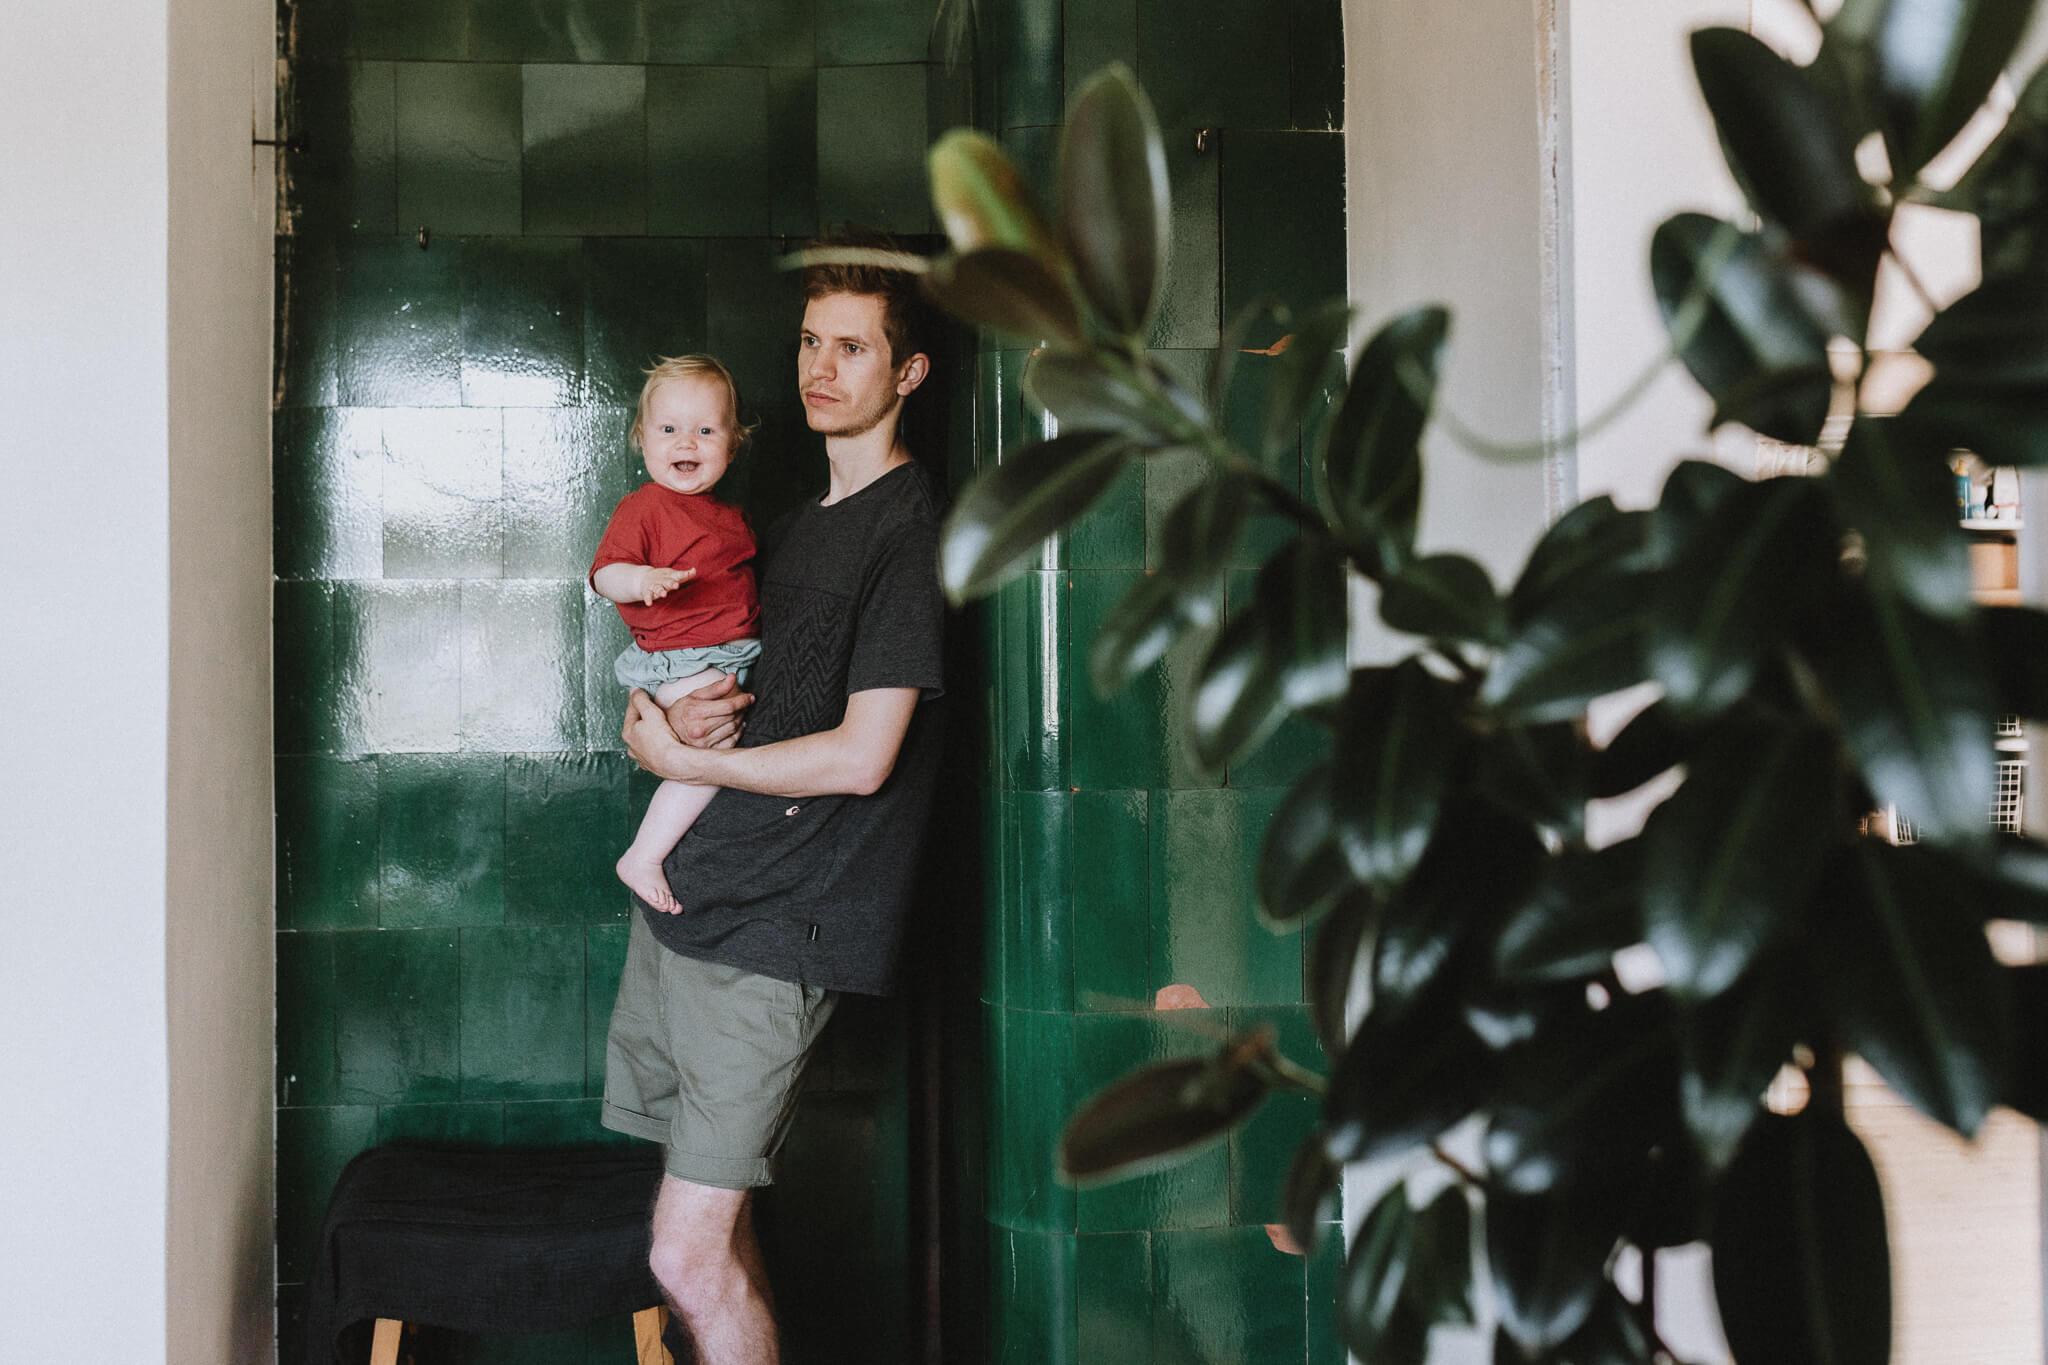 Portree isast ja tütrest, kes seisavad ahju ees. Laps naerab rõõmsalt.